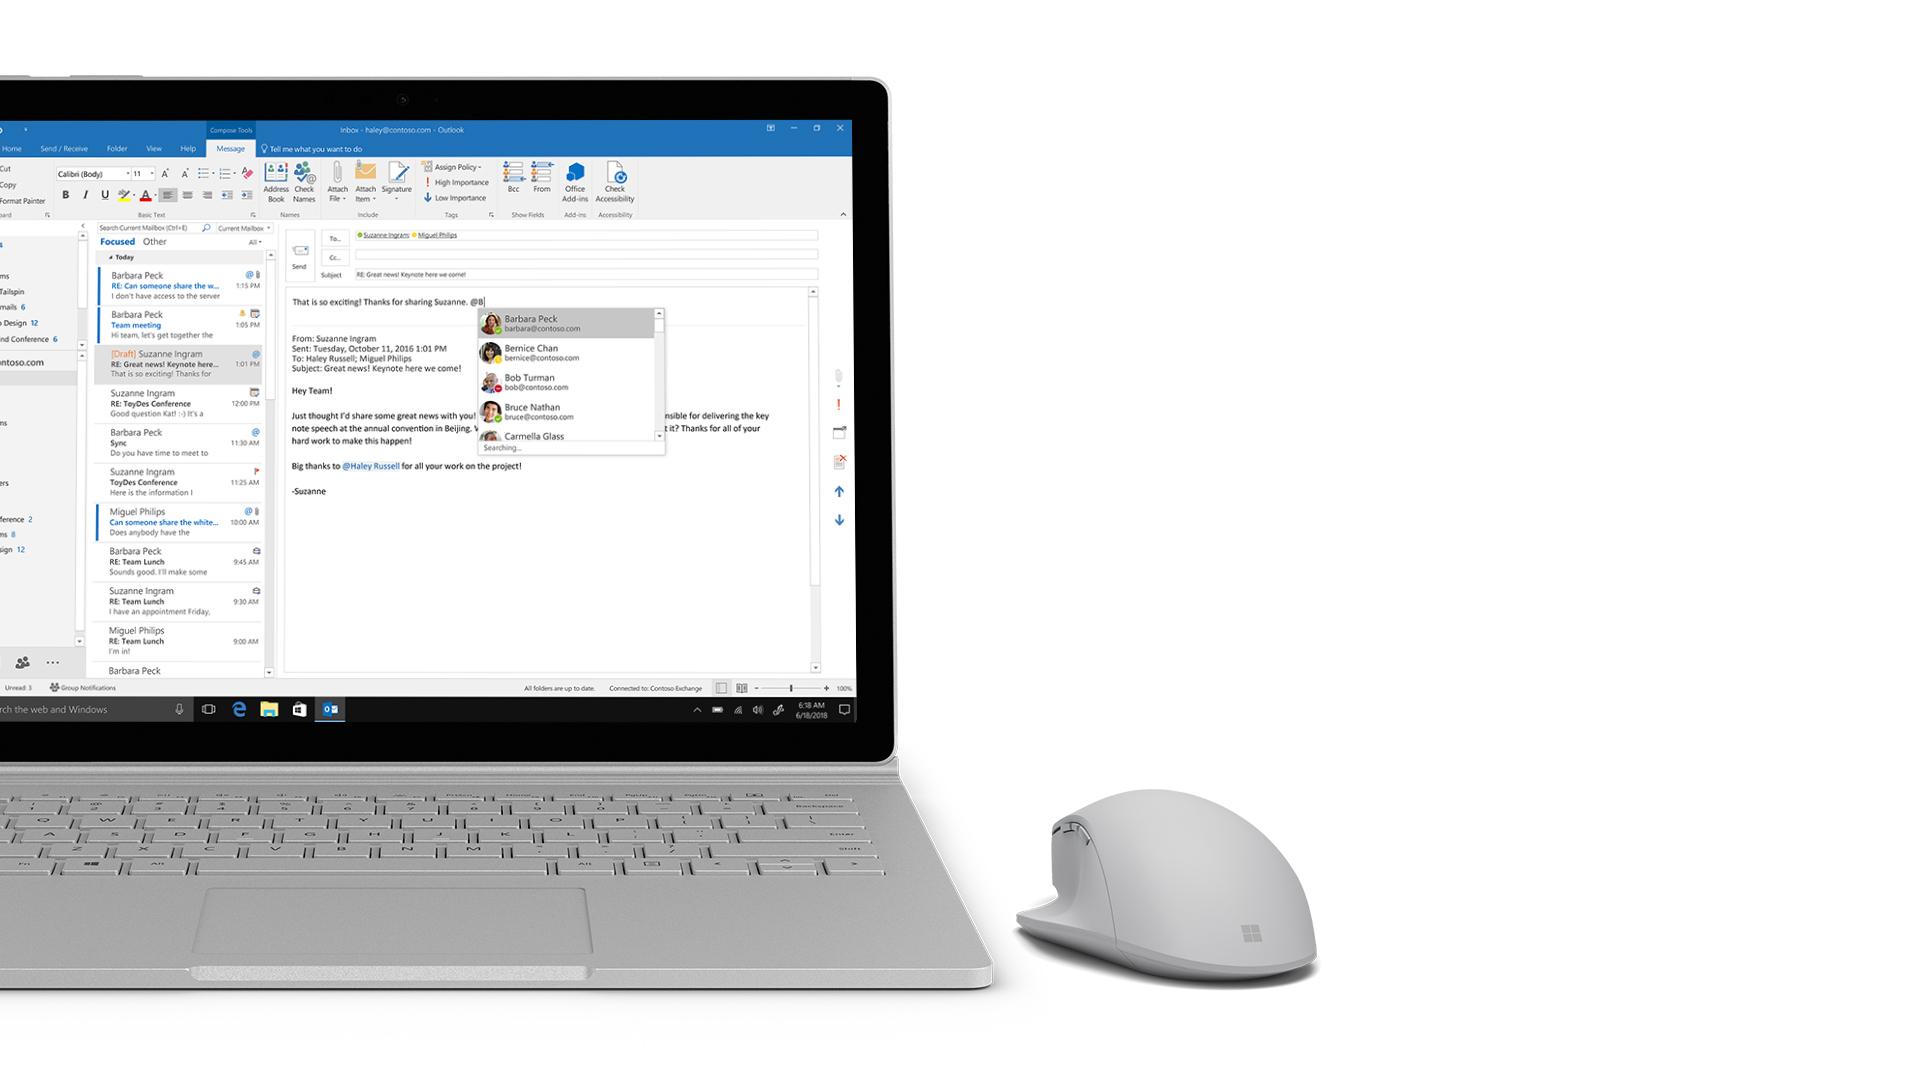 Captura de ecrã do Outlook no Surface.